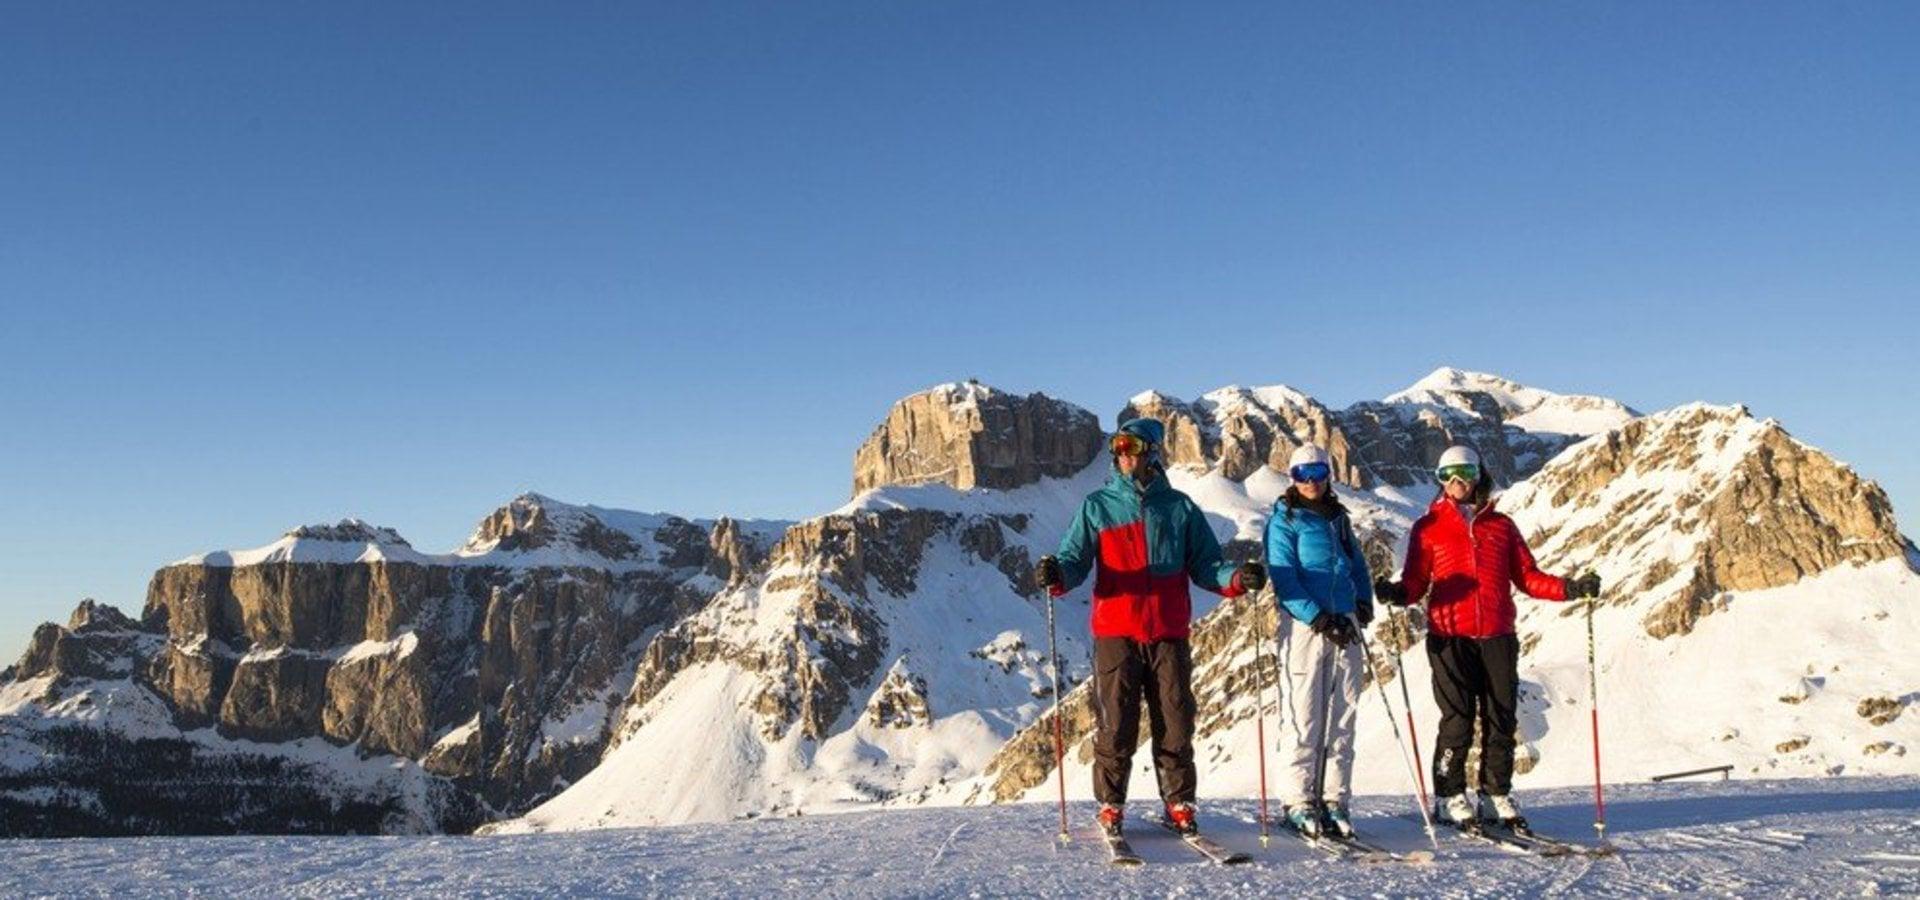 Ski Tour Panorama